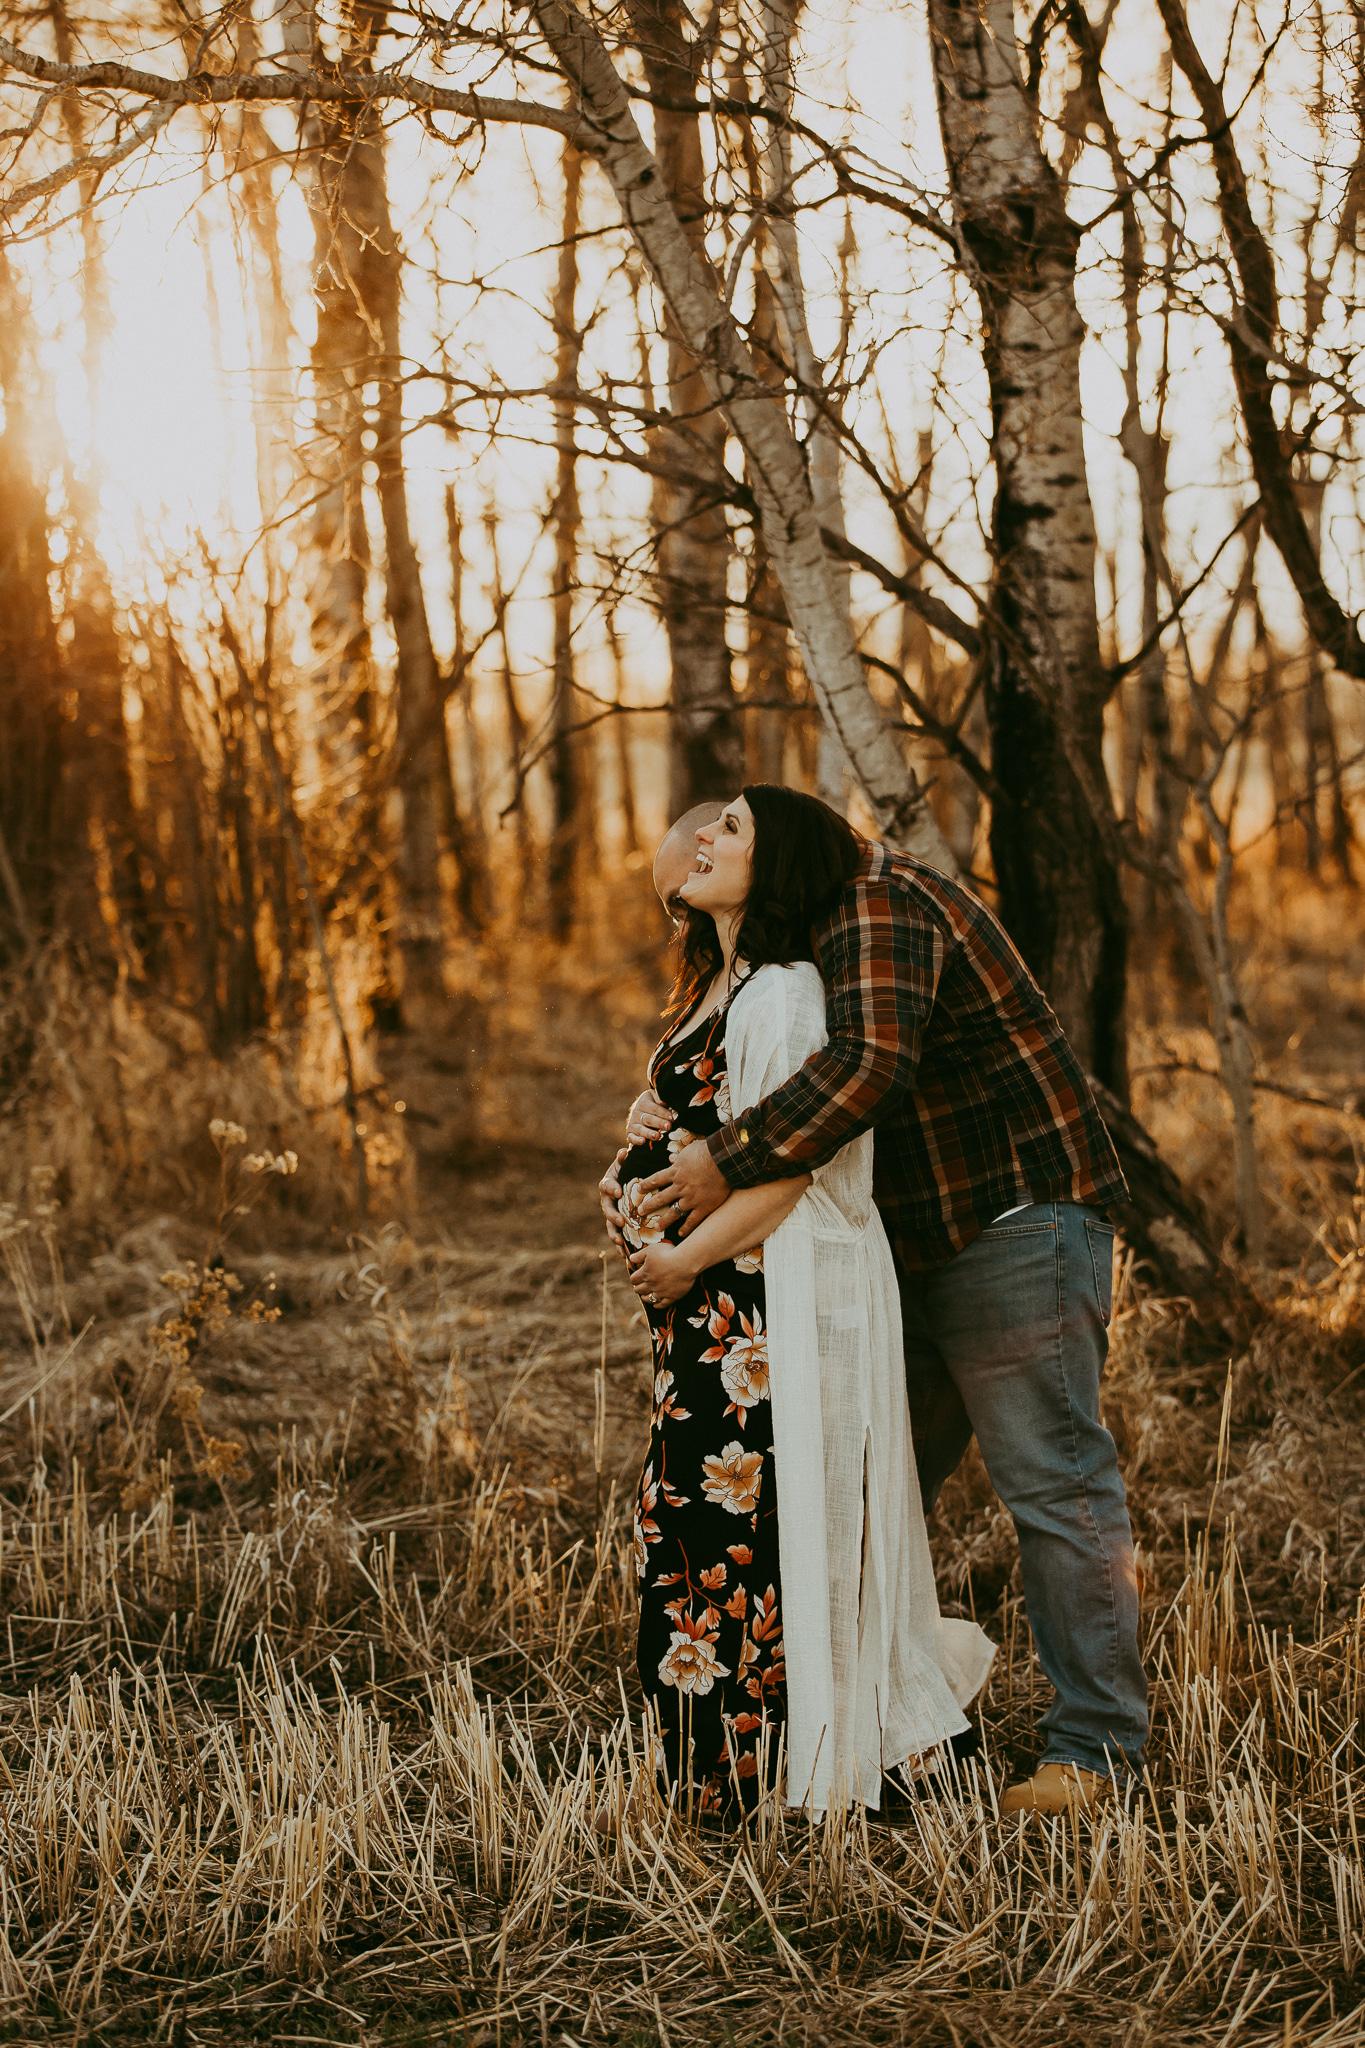 Alina-Joy-Photography-Cold-Lake-Lifestyle-Photographer-334.jpg